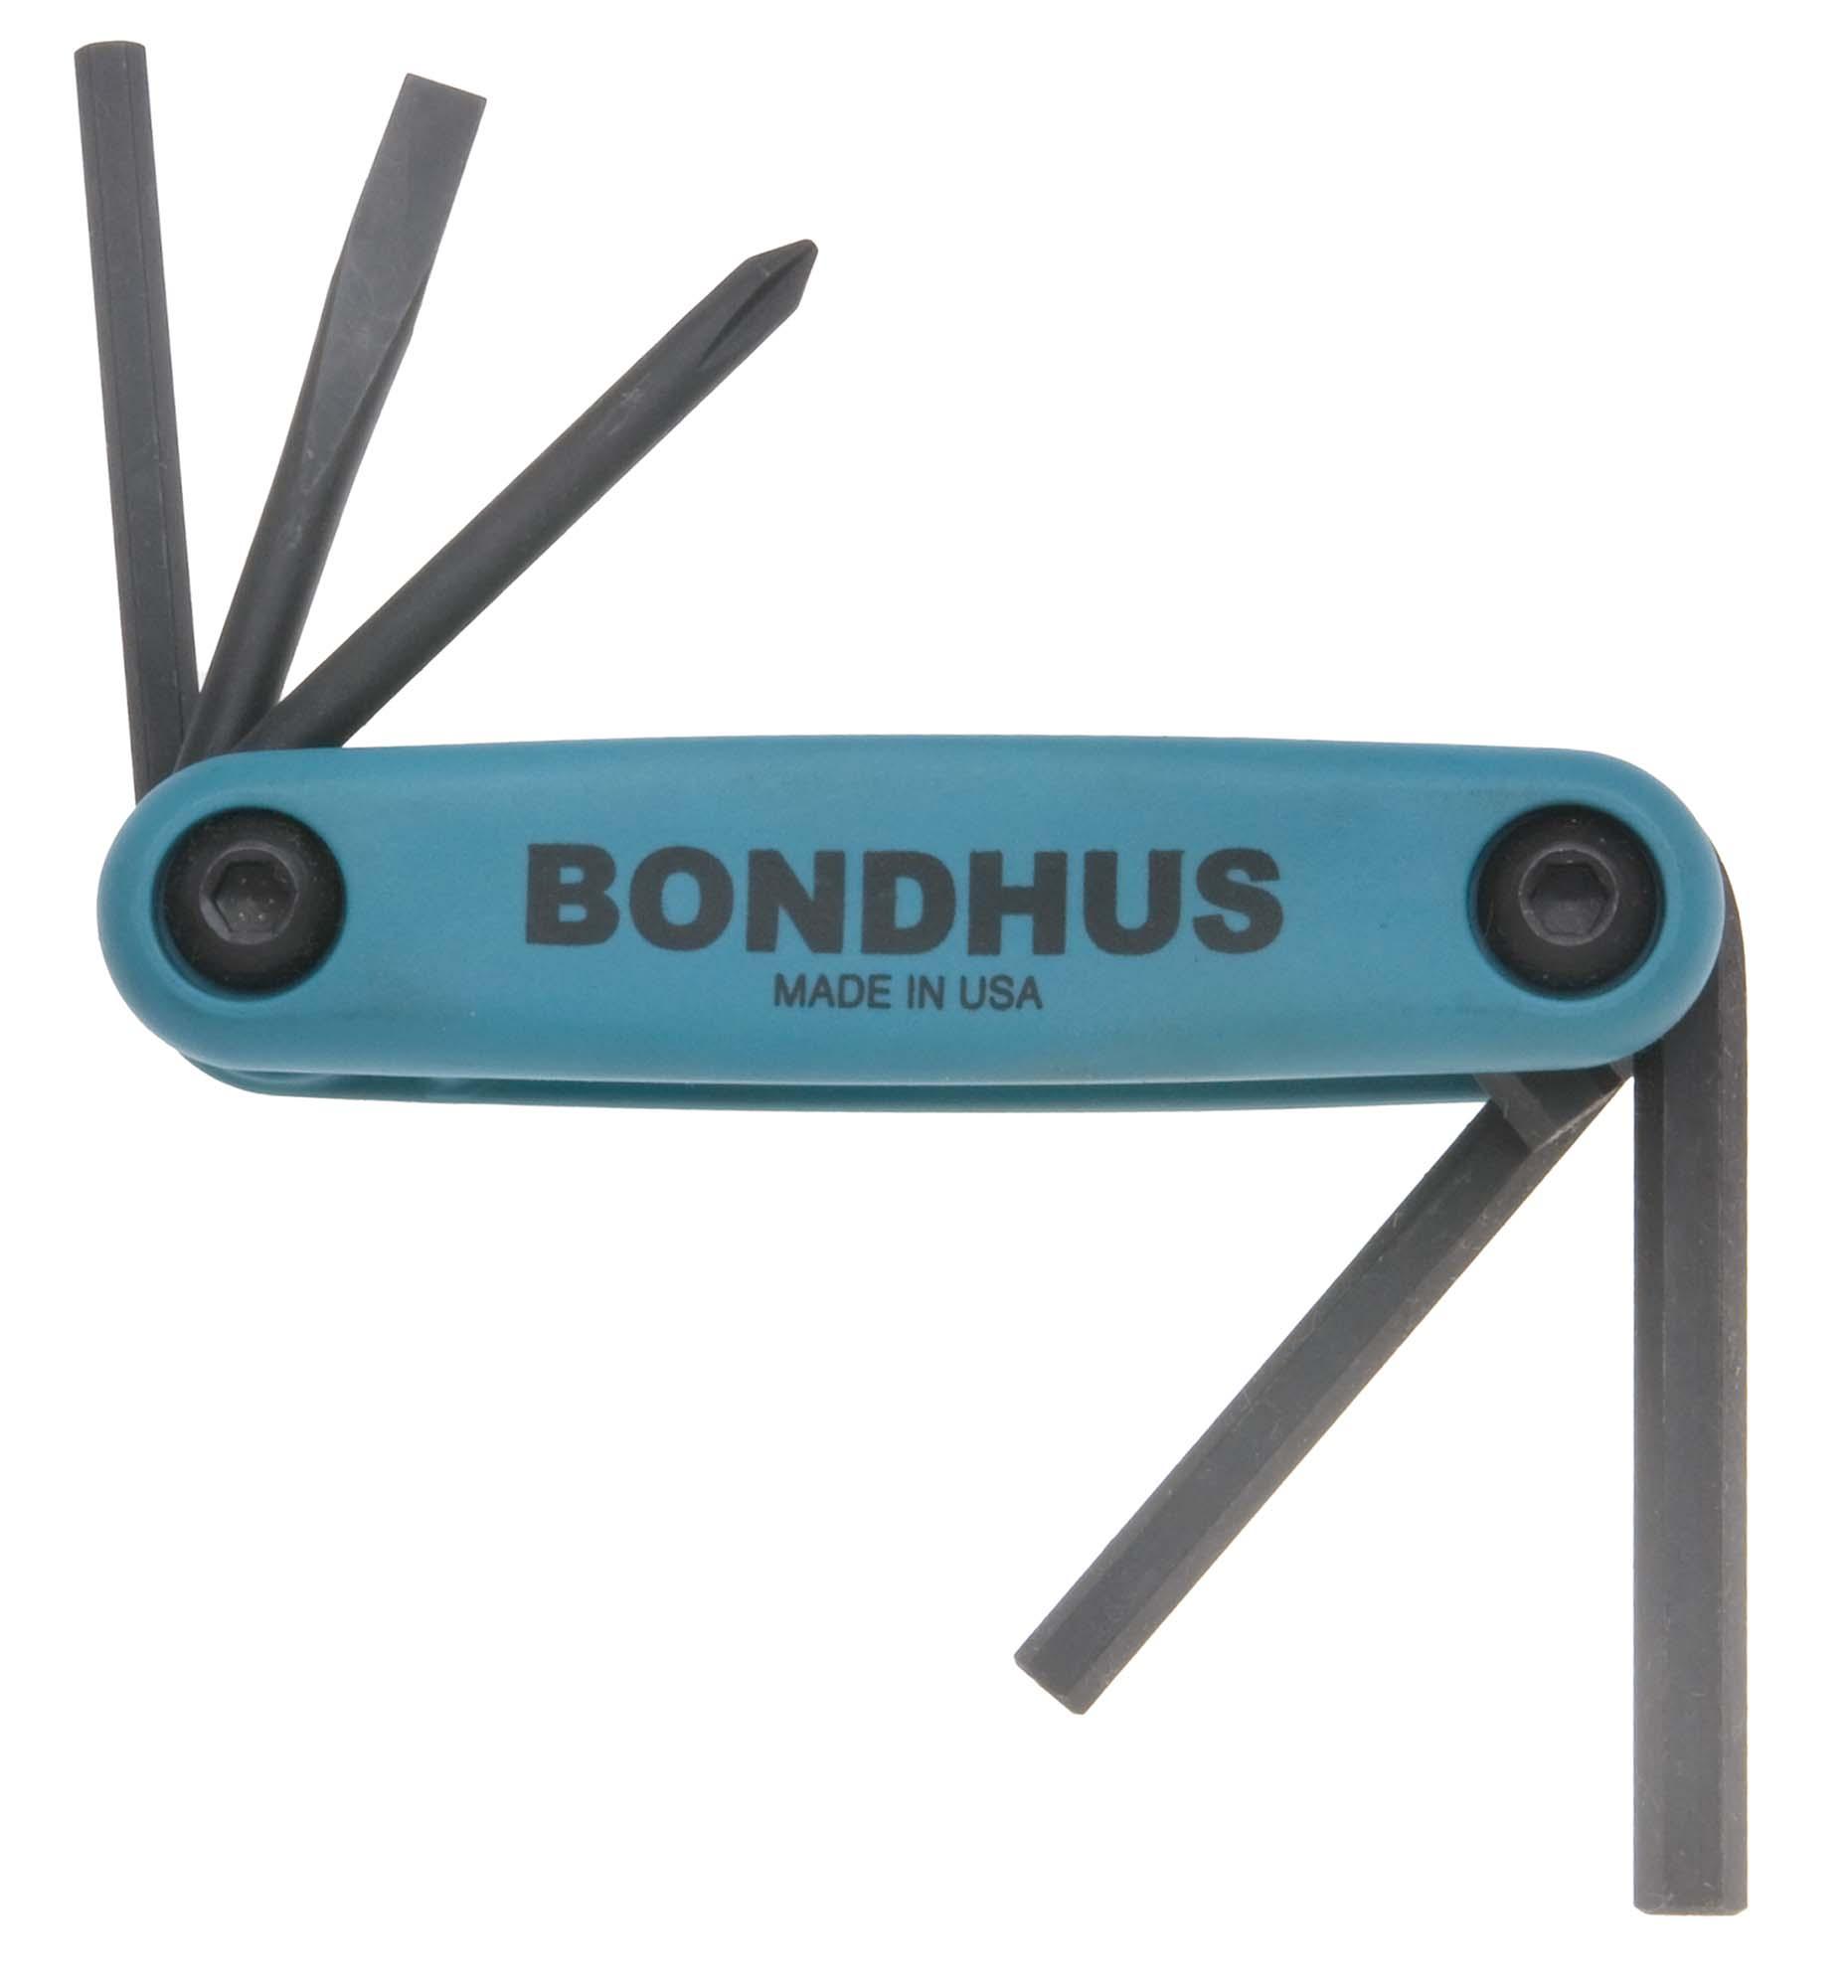 Bondhus 12540 4,5,6mm,Ph #1, 3/16 Slot Bicycle Tool Fold Up Set